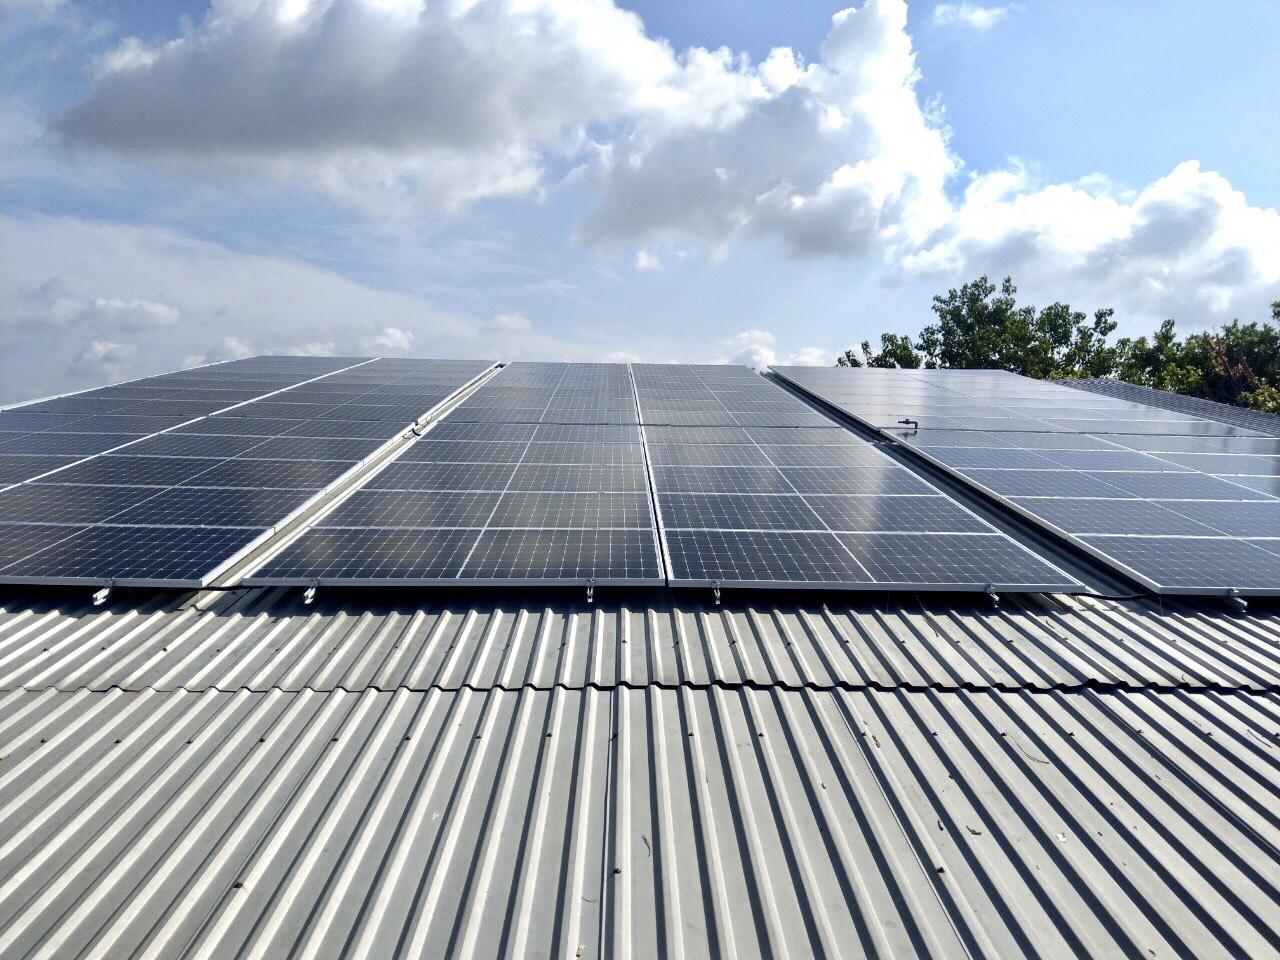 Hệ Thống điện Mặt Trời Hòa Lưới Công Suất 50KWp ở Cơ Sở Sản Xuất Nước đá Ngọc Long